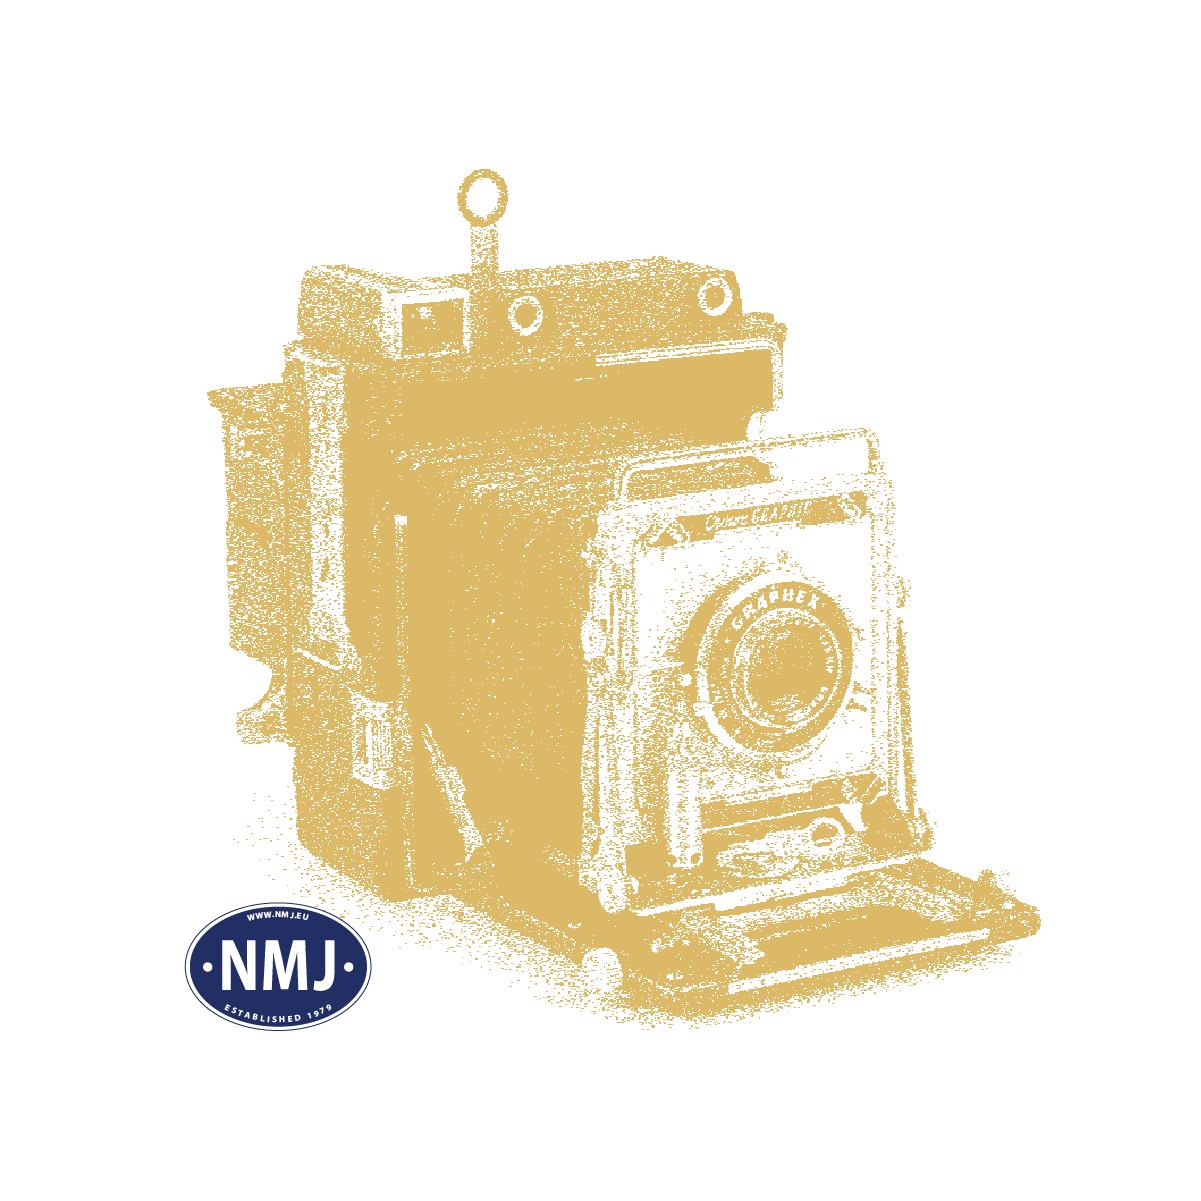 NOC15283 - Lokomotivførere